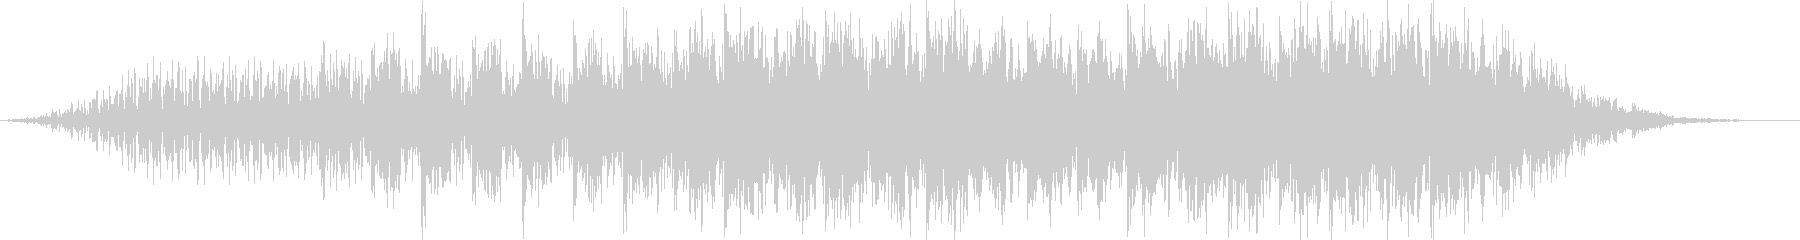 疾走感のあるドラムループとピアノリフの未再生の波形